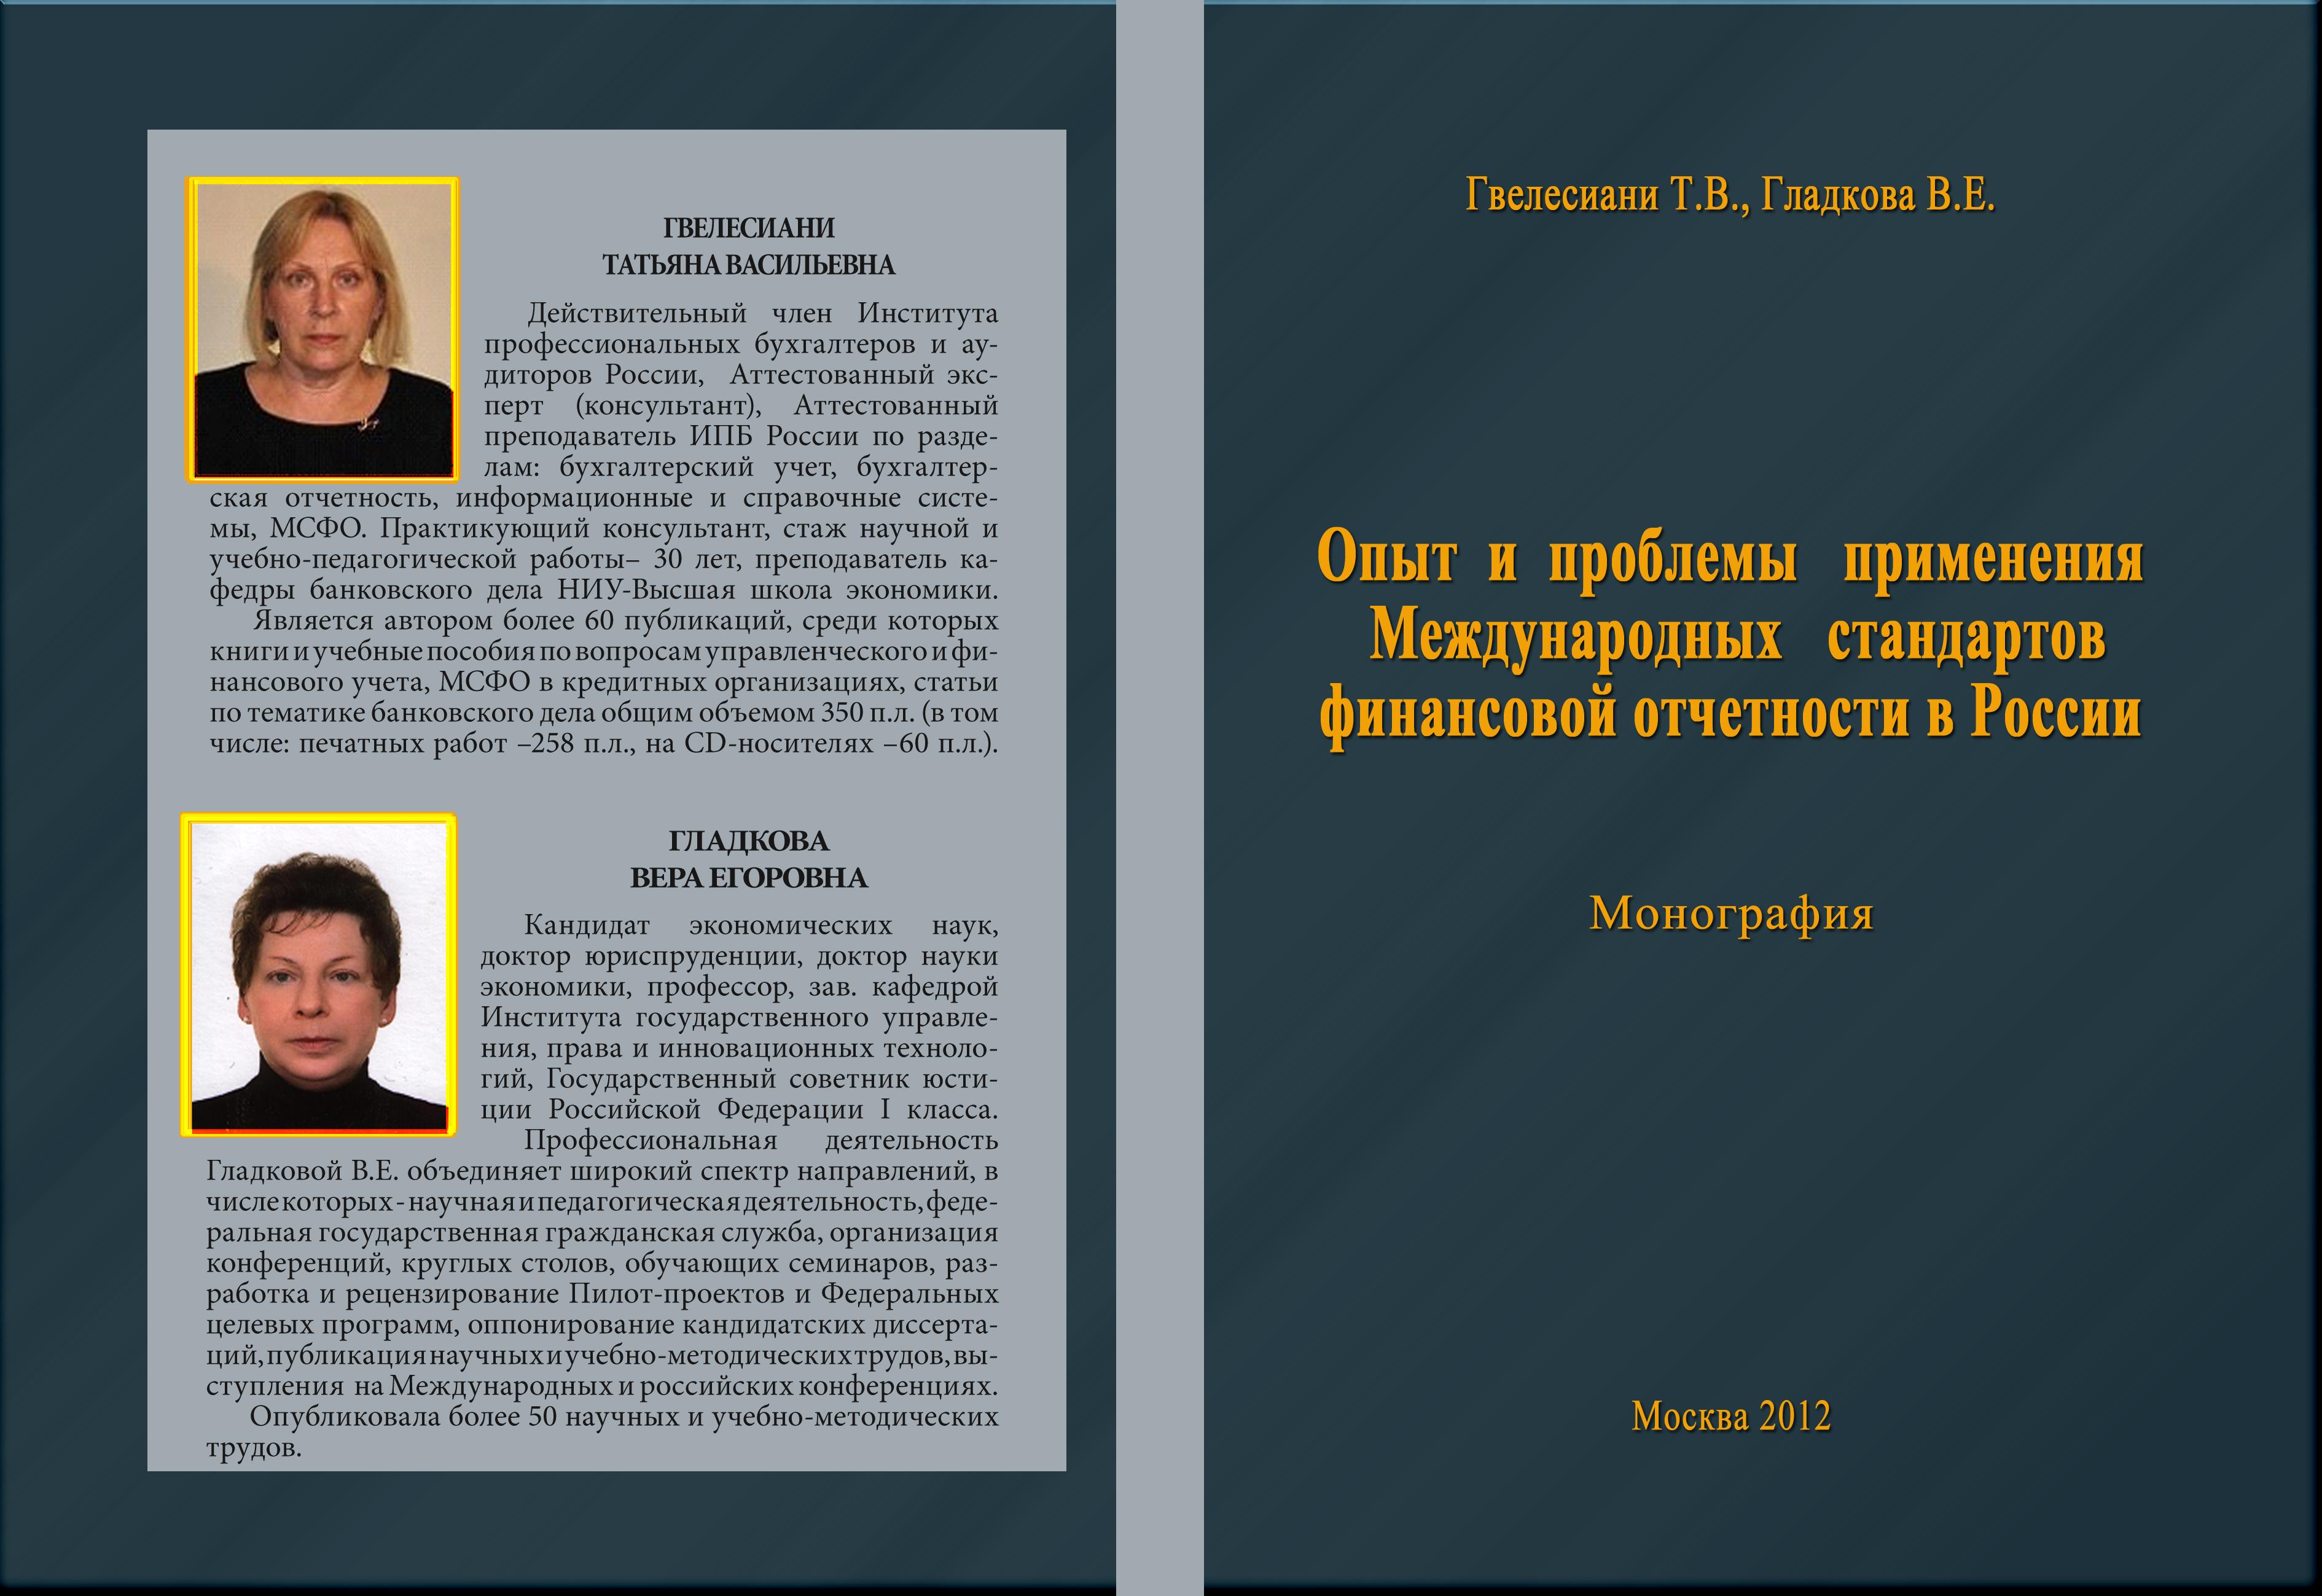 Опыт и проблемы применения Международных стандартов финансовой отчетности в России